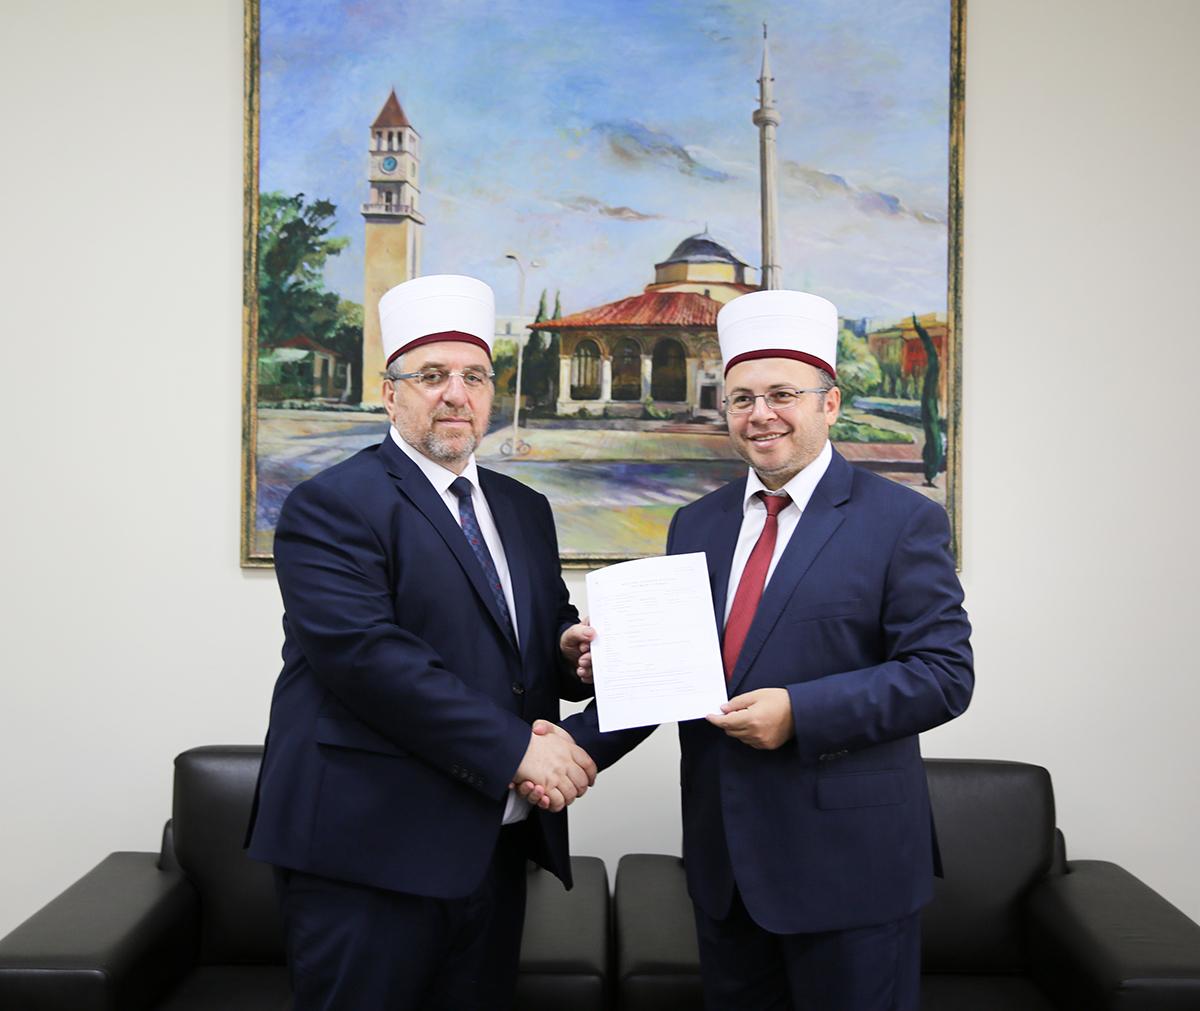 KMSH dhe BIK bashkëpunojnë në ringjalljen e trashëgimisë kulturore Islame në trevat shqiptare